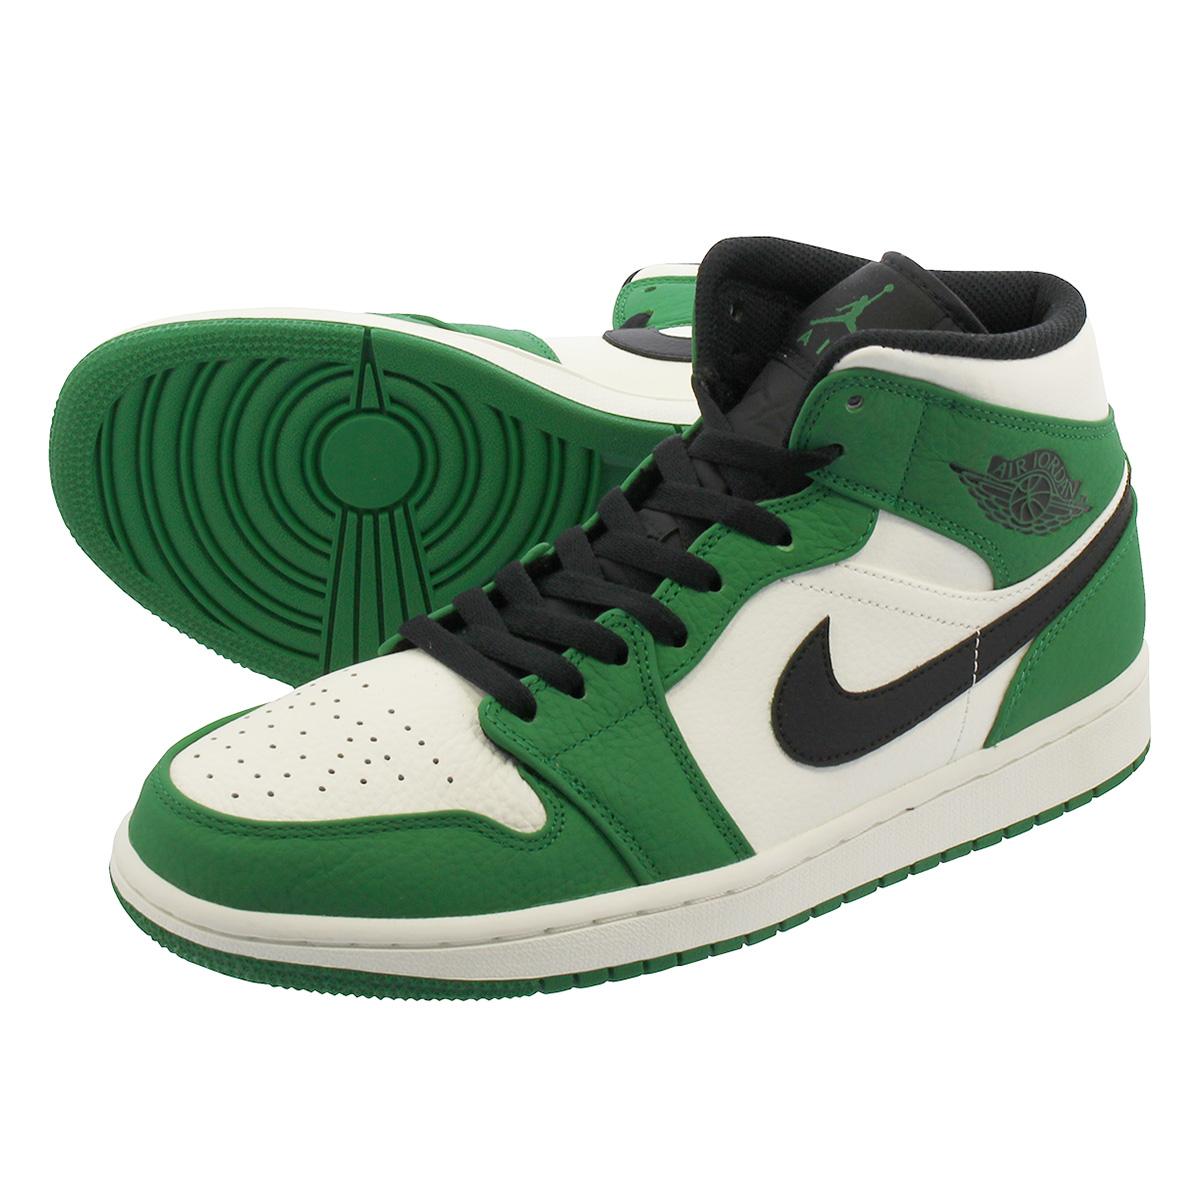 new style a7dc9 5437e NIKE AIR JORDAN 1 MID SE Nike Air Jordan 1 mid SE PINE GREEN SAIL BLACK  852,542-301